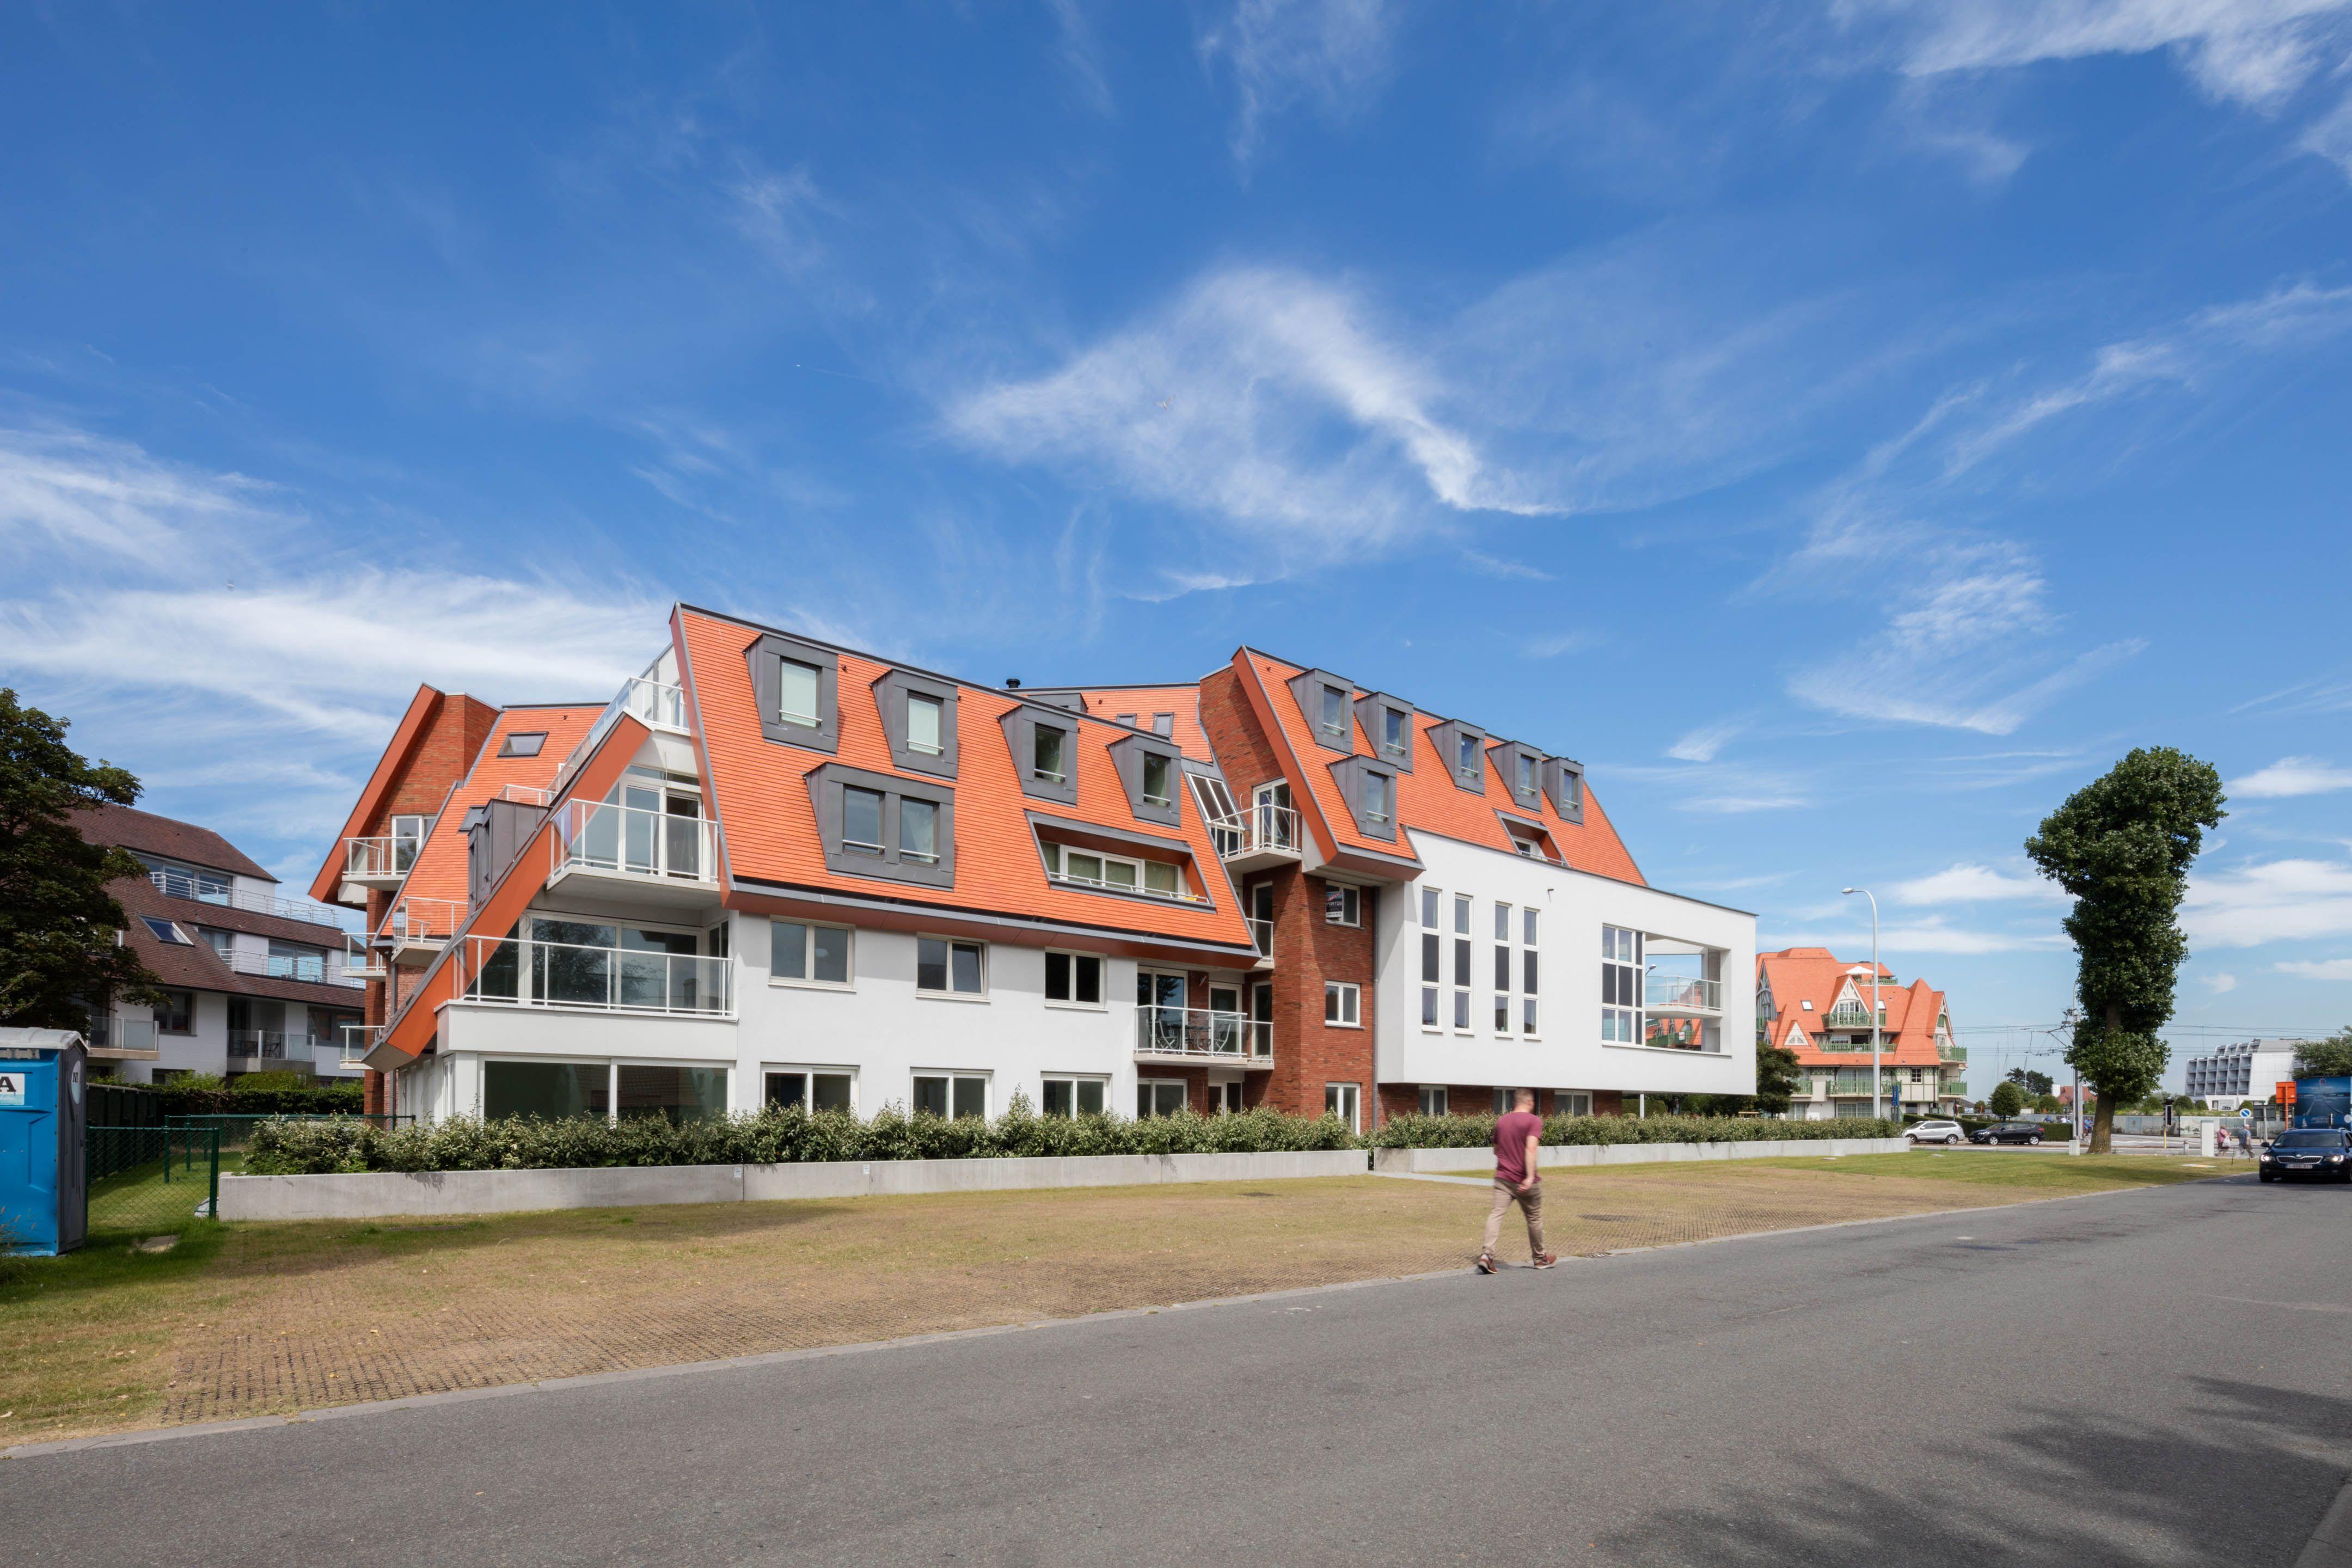 Appartement Residentie Villa Crombez Nieuwpoort - 9271